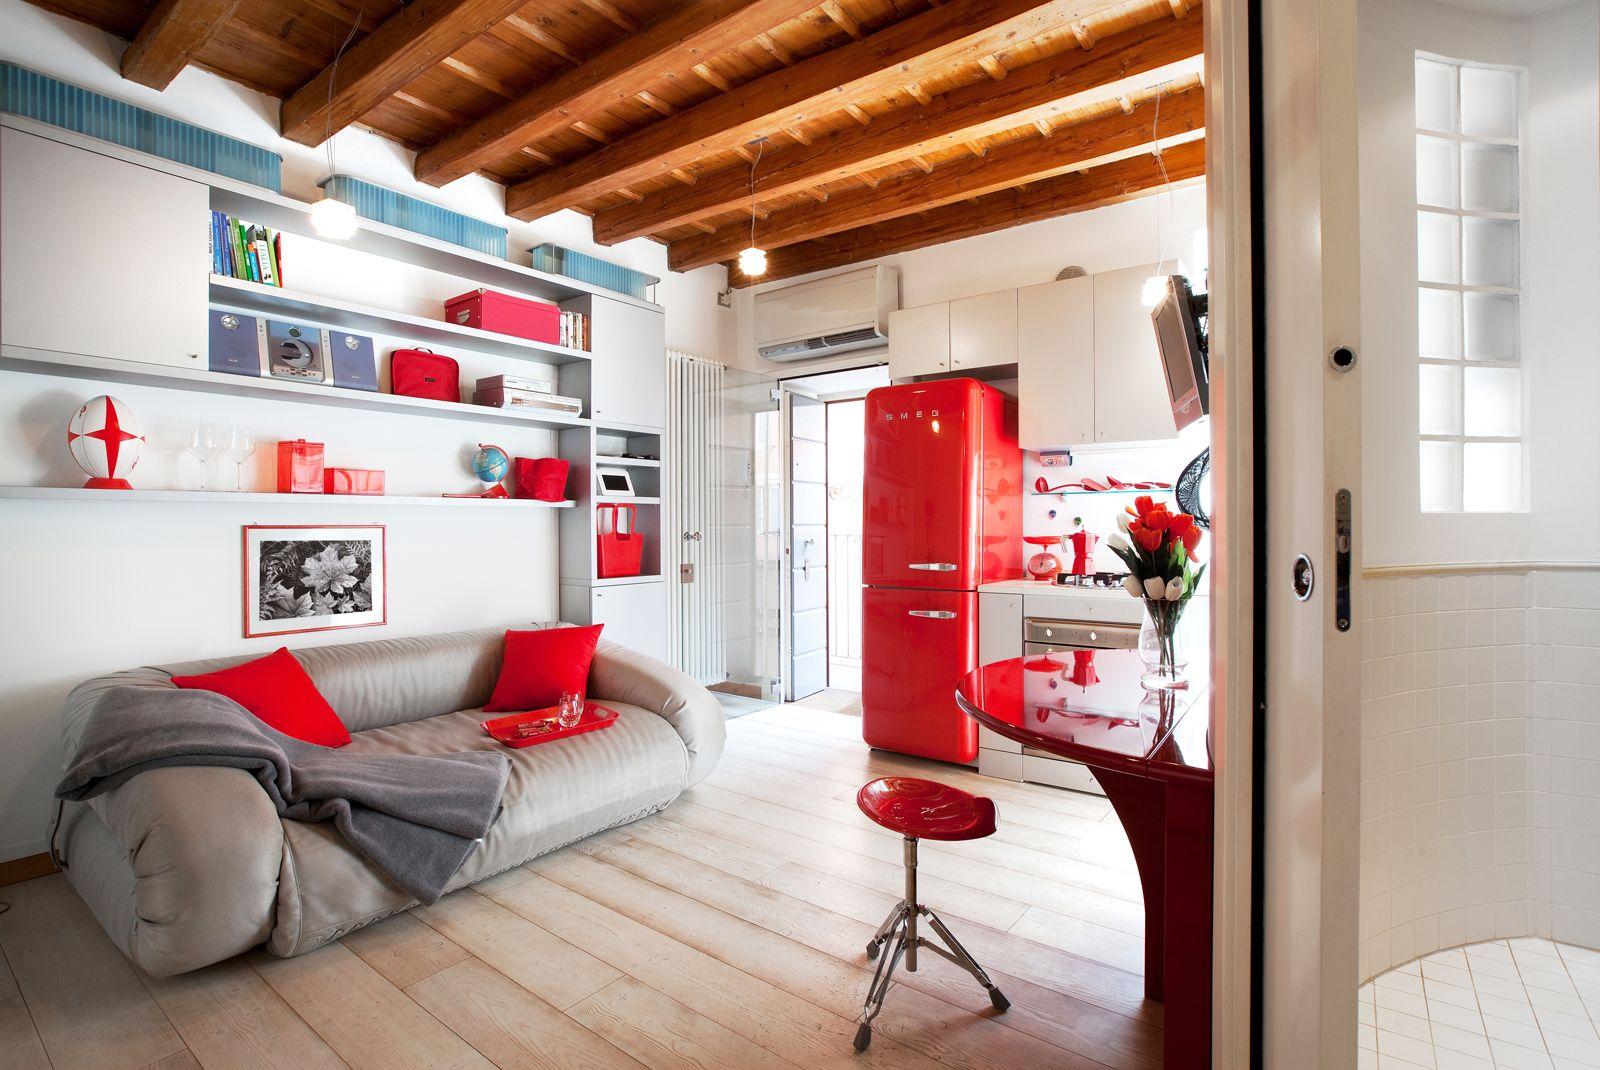 Sala Cucina 25 Mq monolocale di 25 mq, con soluzioni salvaspazio | soggiorni